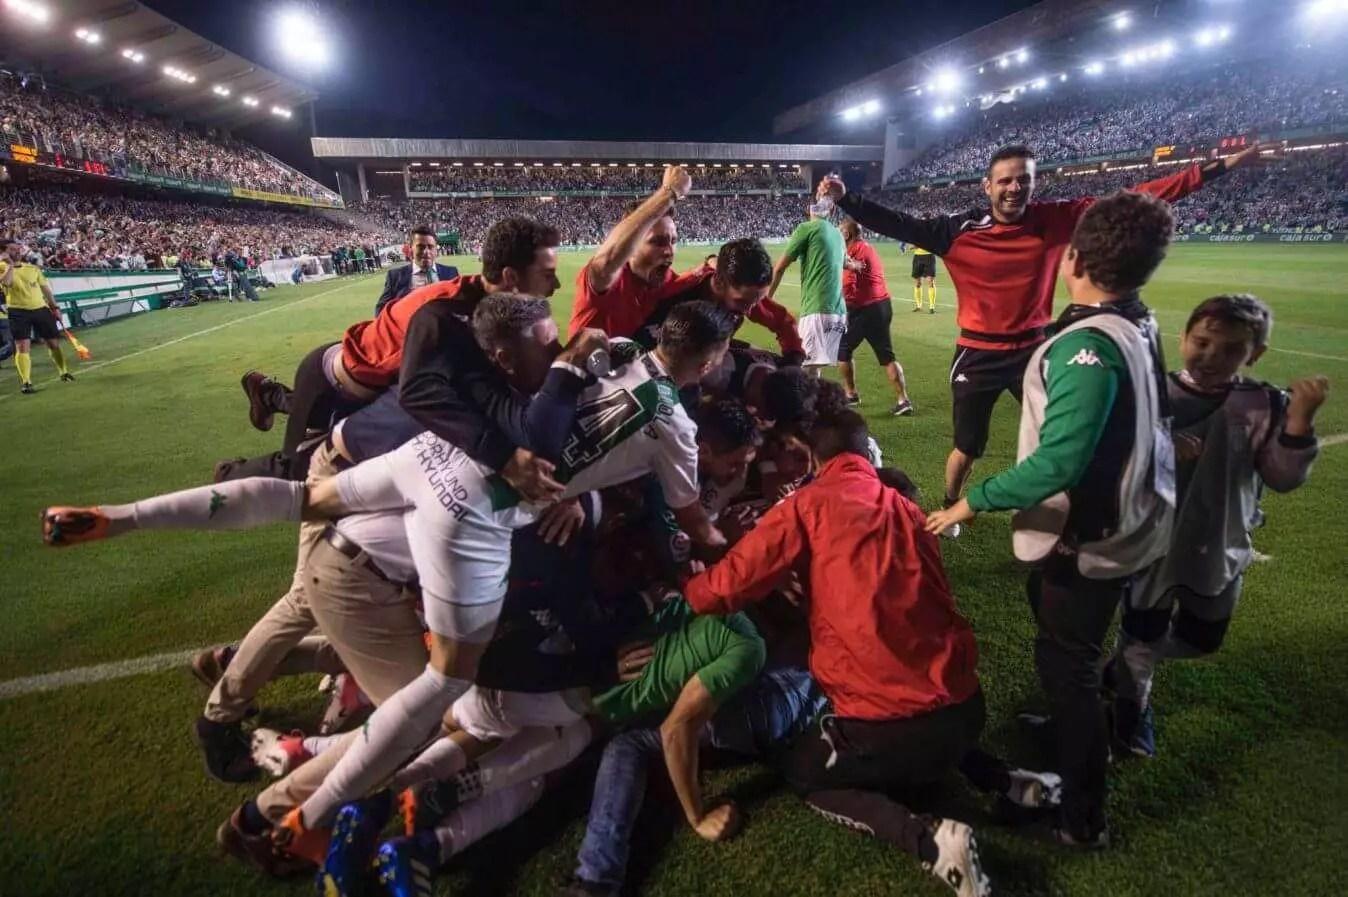 El milagro del Córdoba CF contado por su analista, Jose Antonio Romero